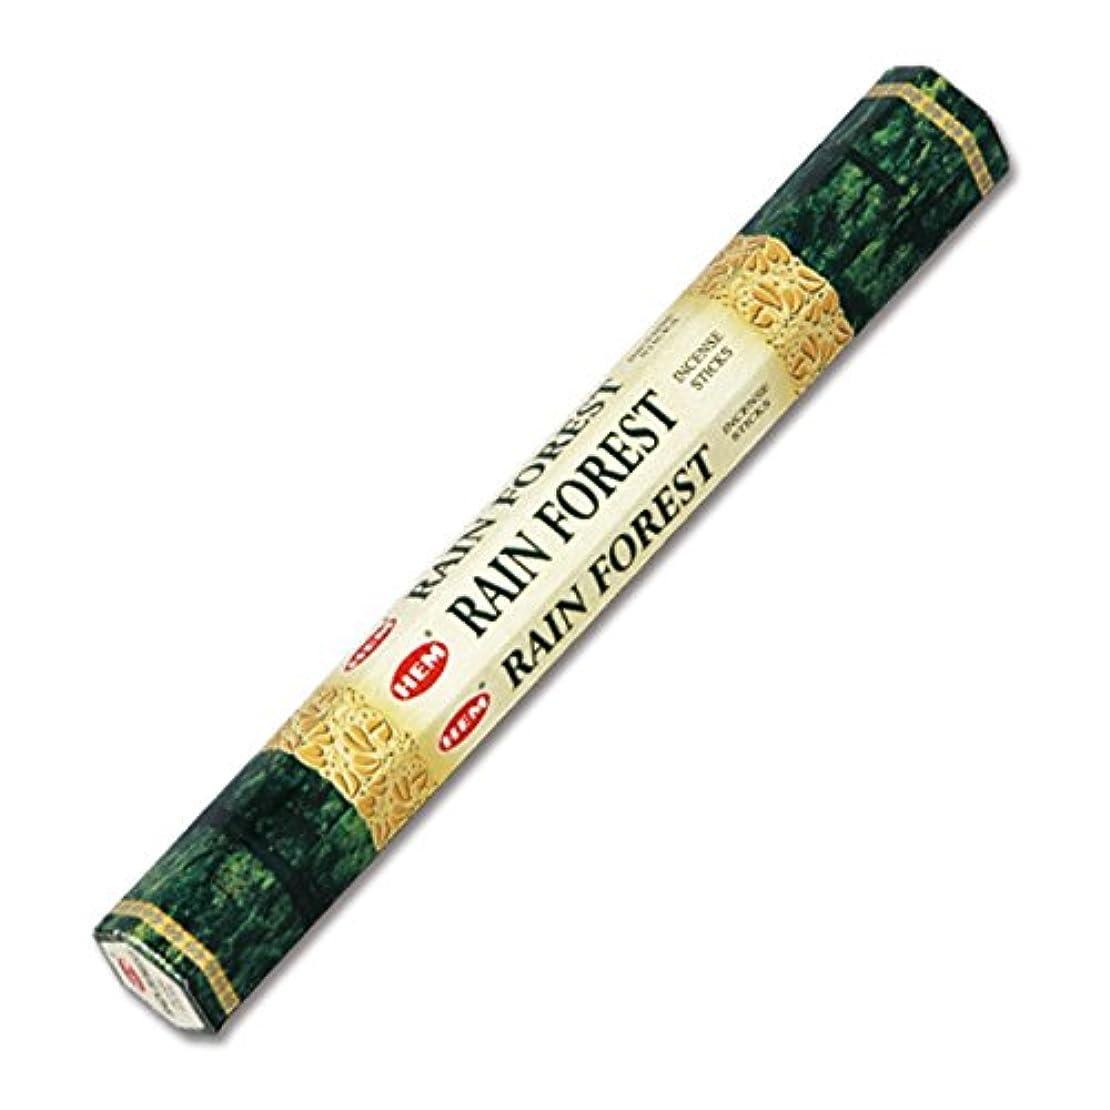 家畜月発送HEM(ヘム) レインフォレスト RAIN FOREST スティックタイプ お香 1筒 単品 [並行輸入品]